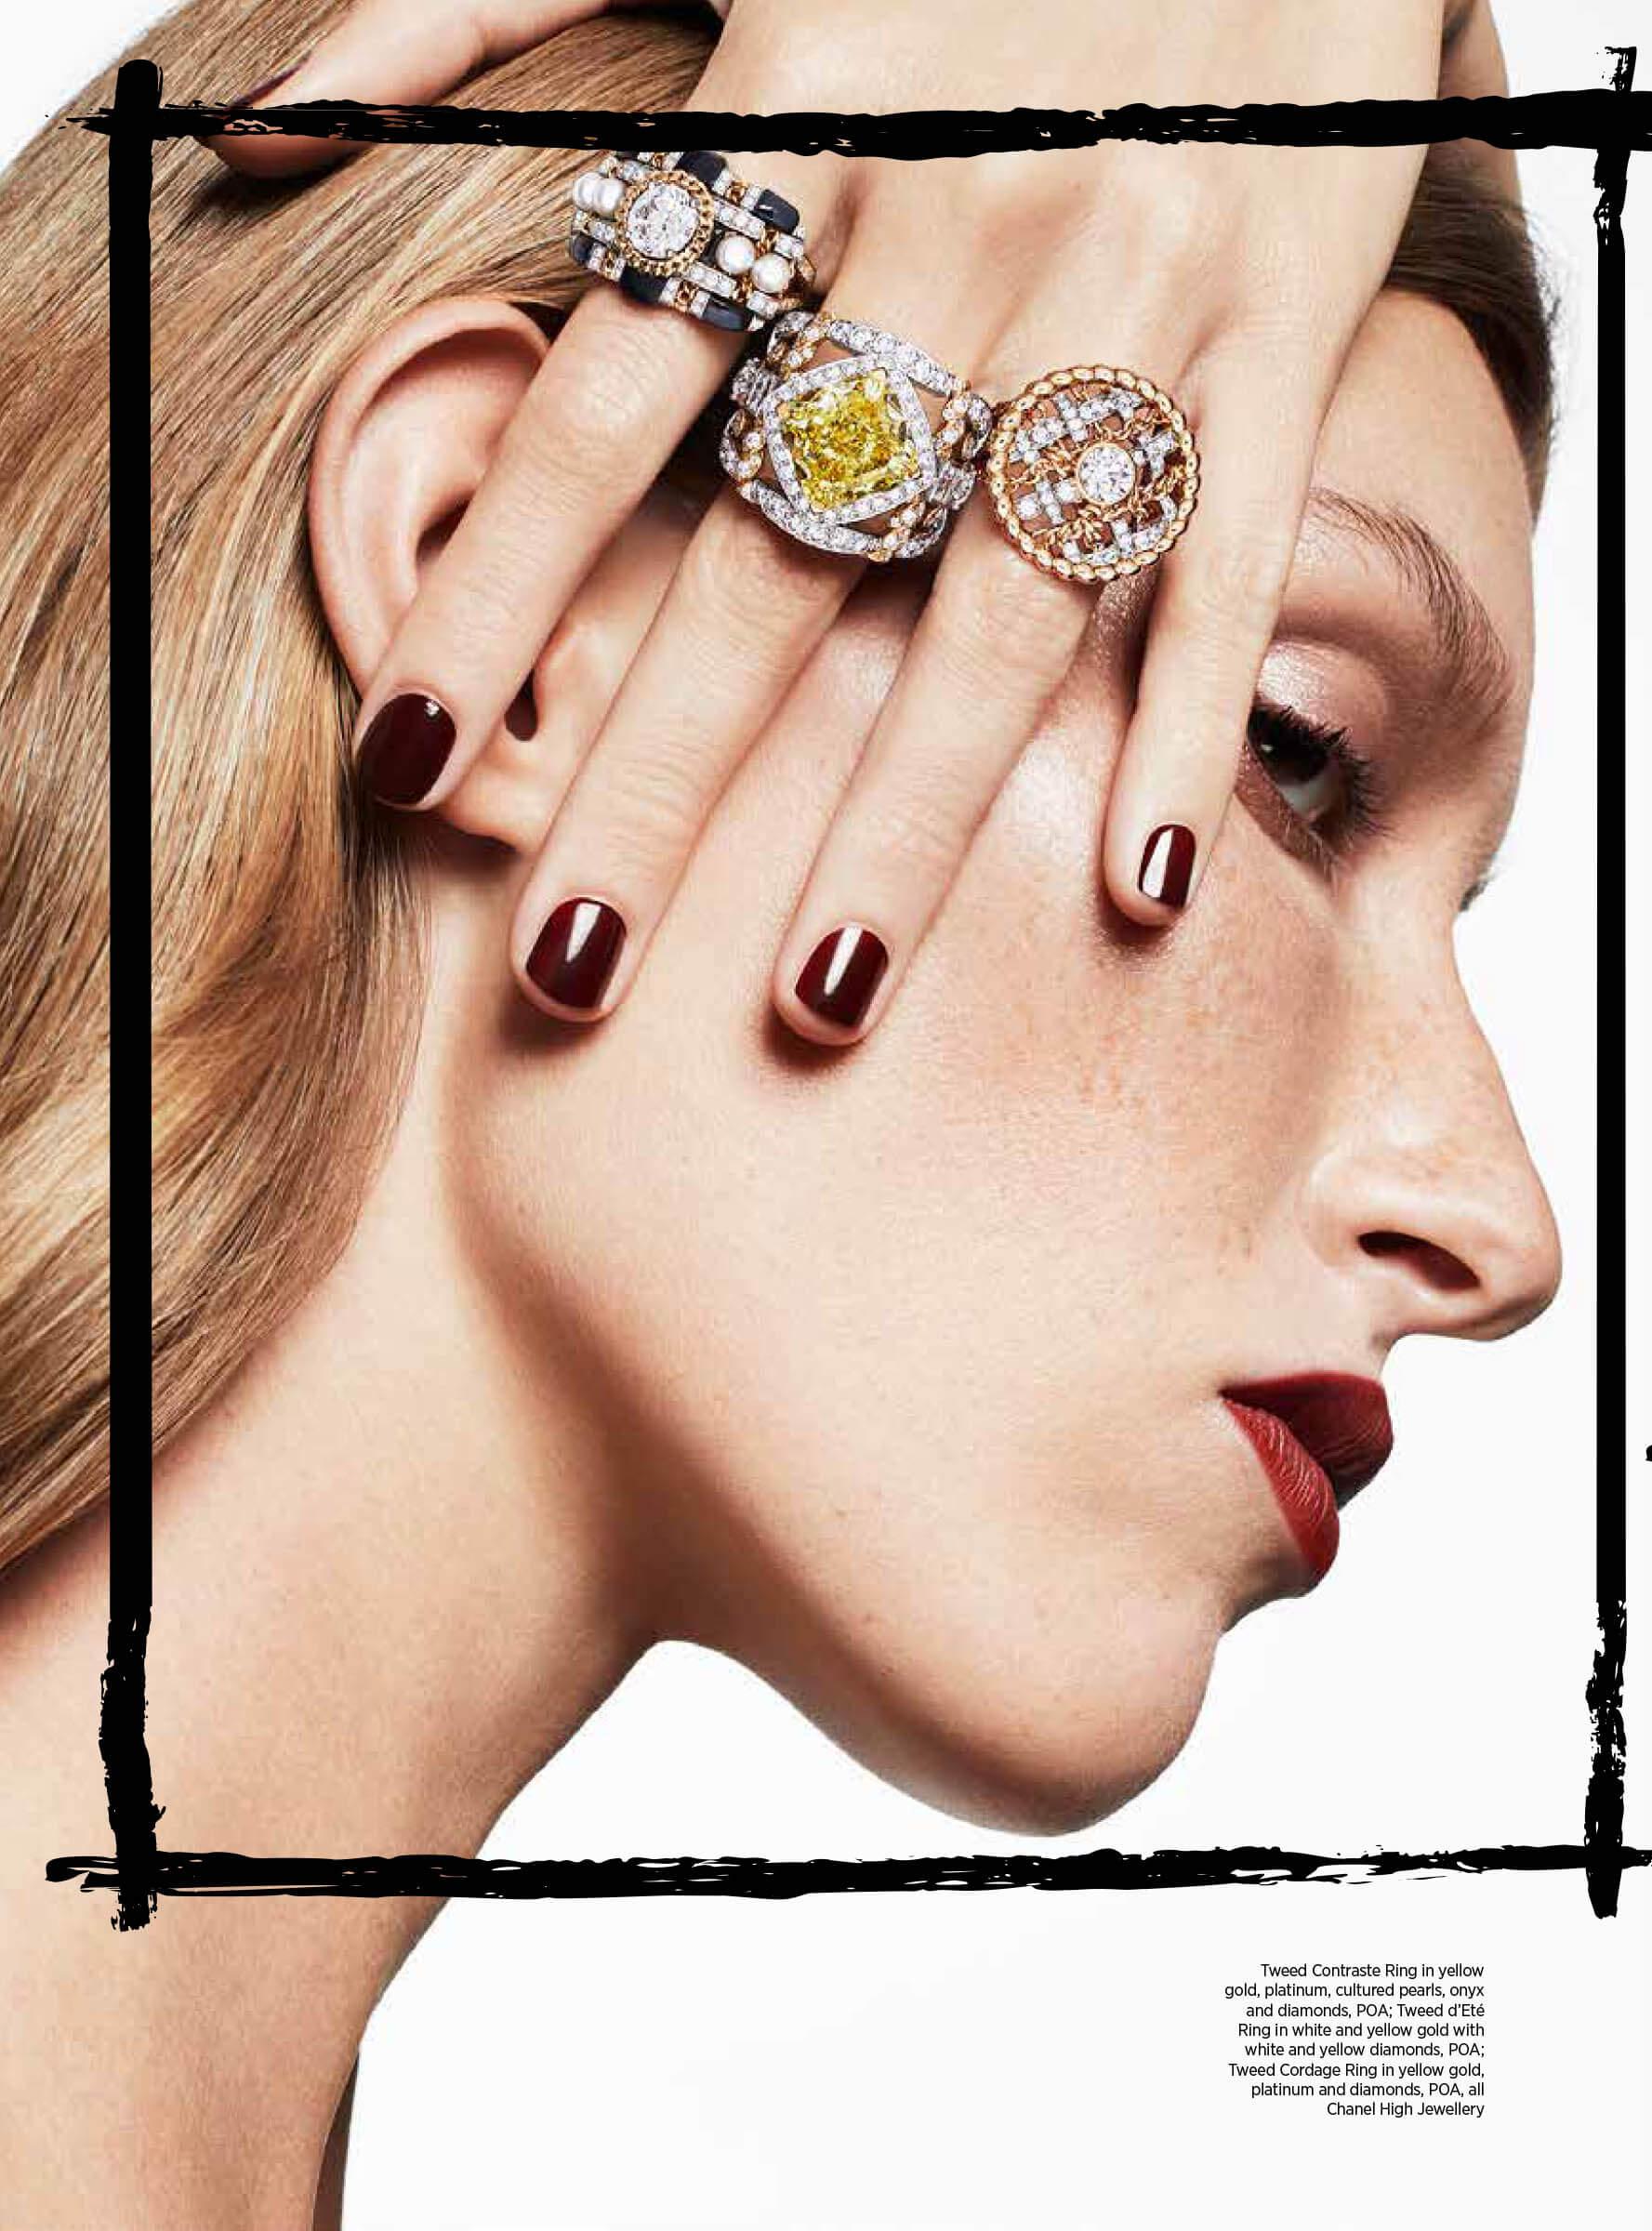 jewellery photographer dubai